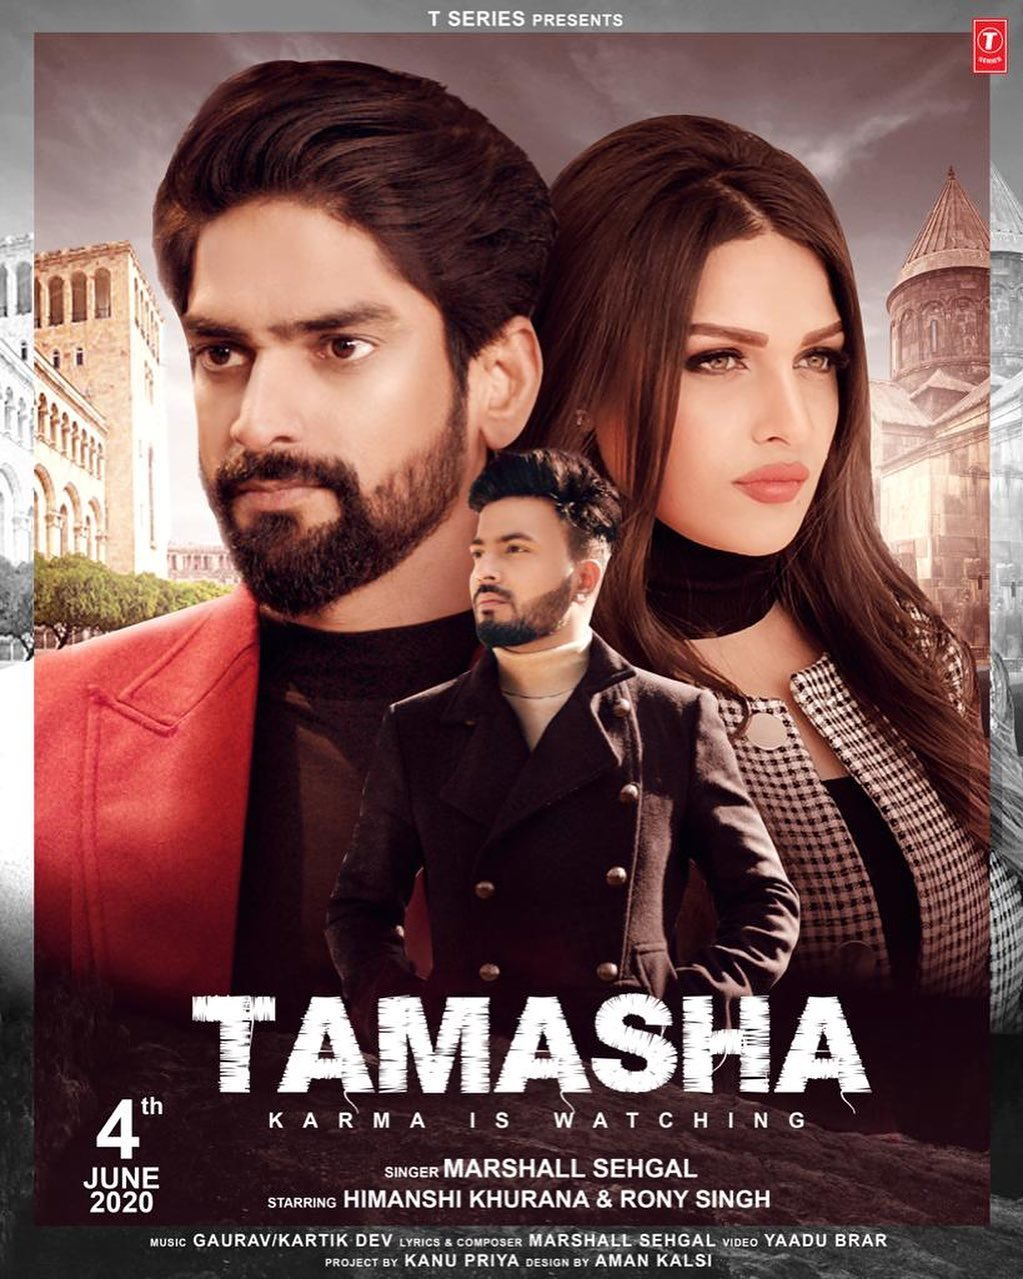 Tamasha Song: हिमांशी खुराना का नया गाना तमाशा का टीजर हुआ रिलीज, फैंस ने दिया जबरजस्त रिस्पॉन्स